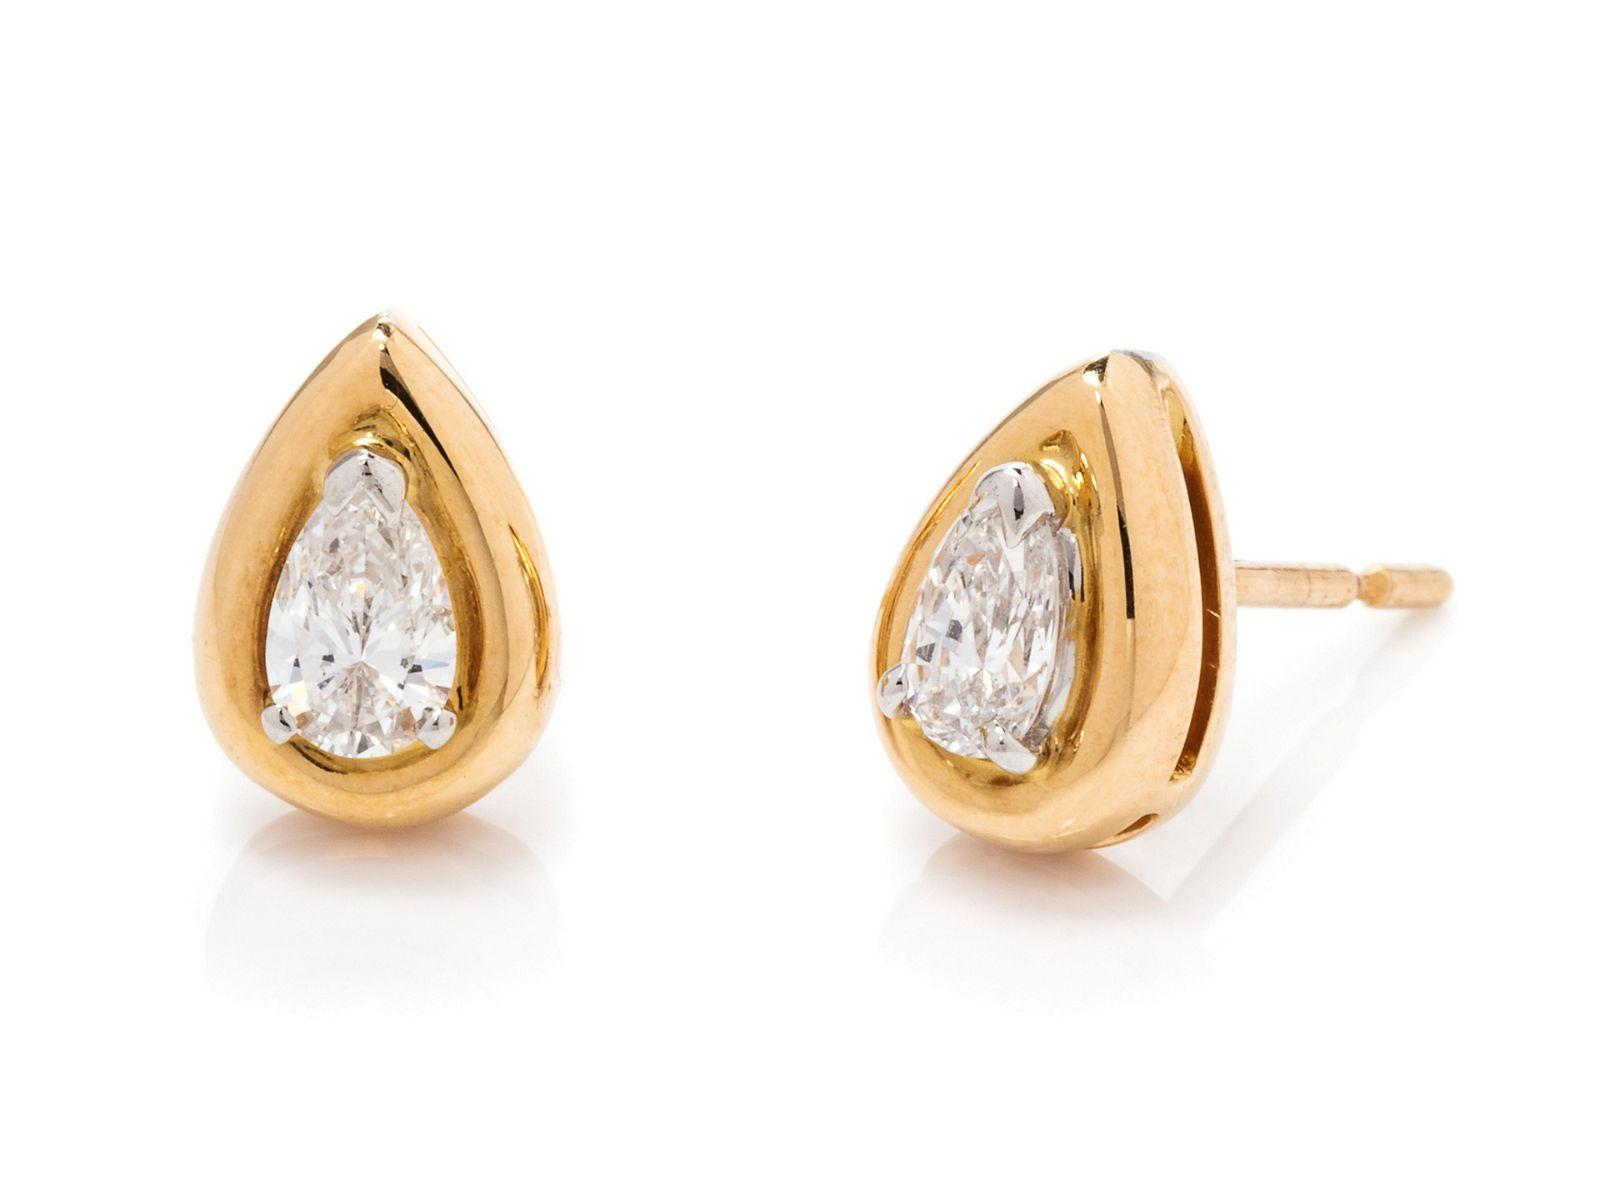 A Pair of 18 Karat Yellow Gold, Platinum and Diamond